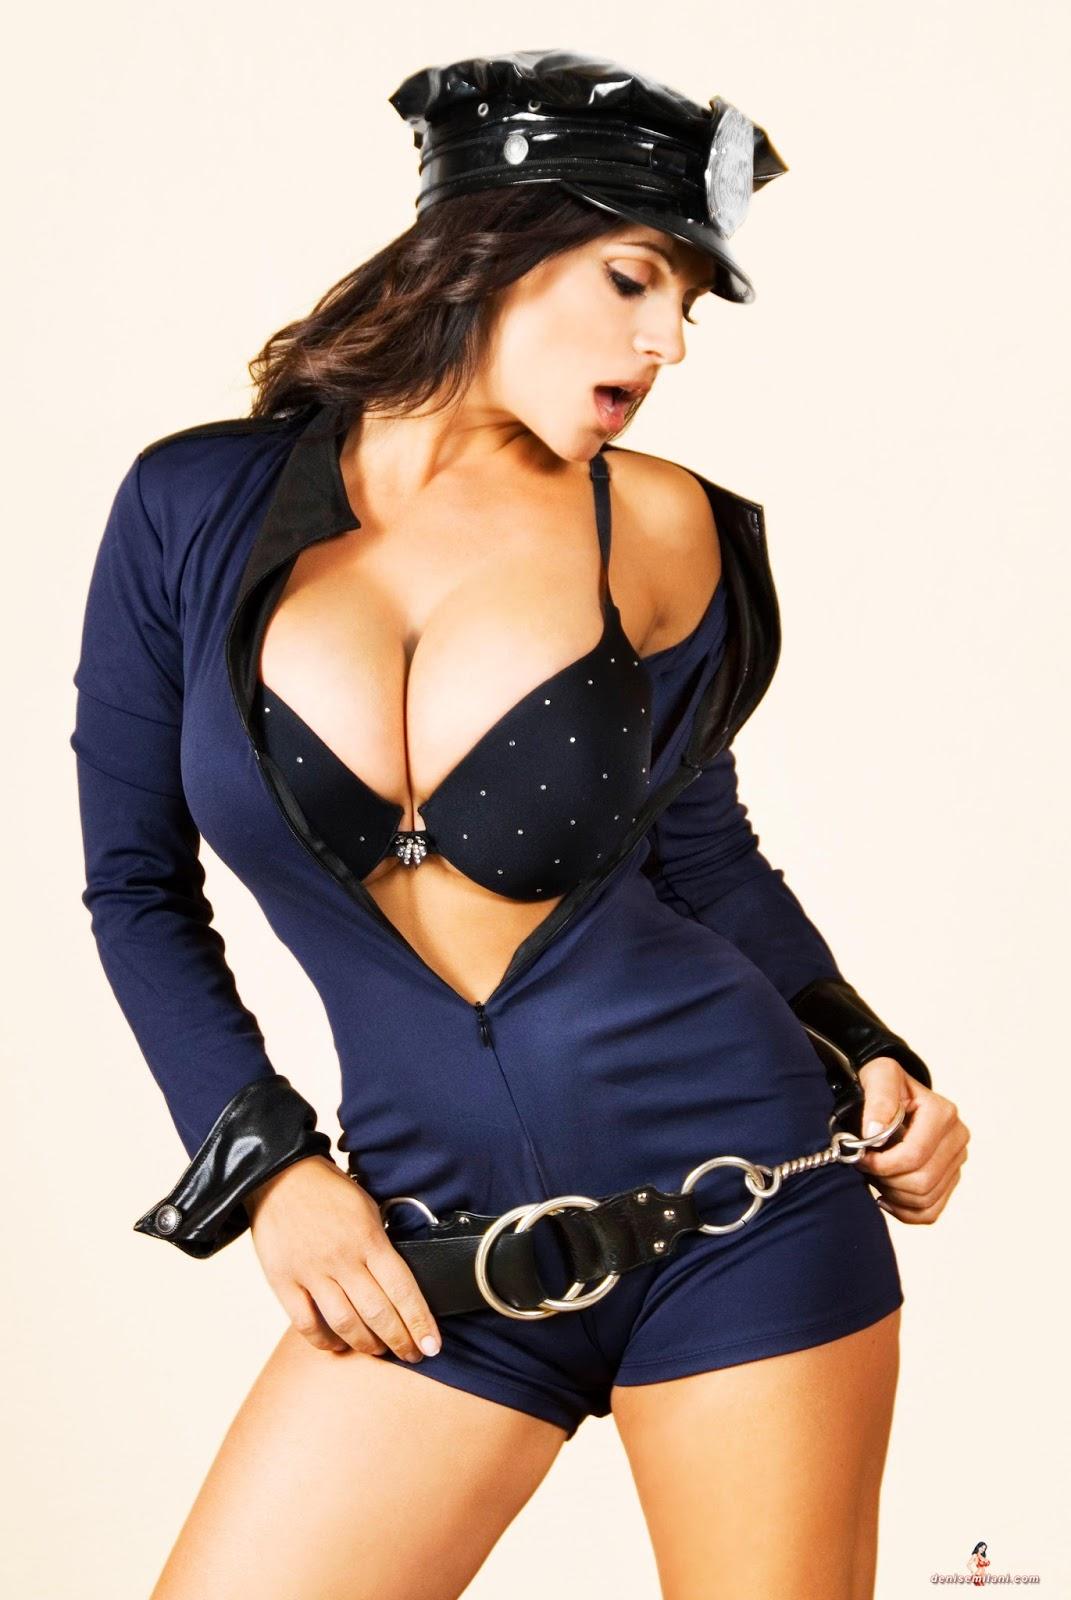 Высунулись груди в полицейской одежде, порнографические ролики лесбийского содержания со зрелыми женщинами